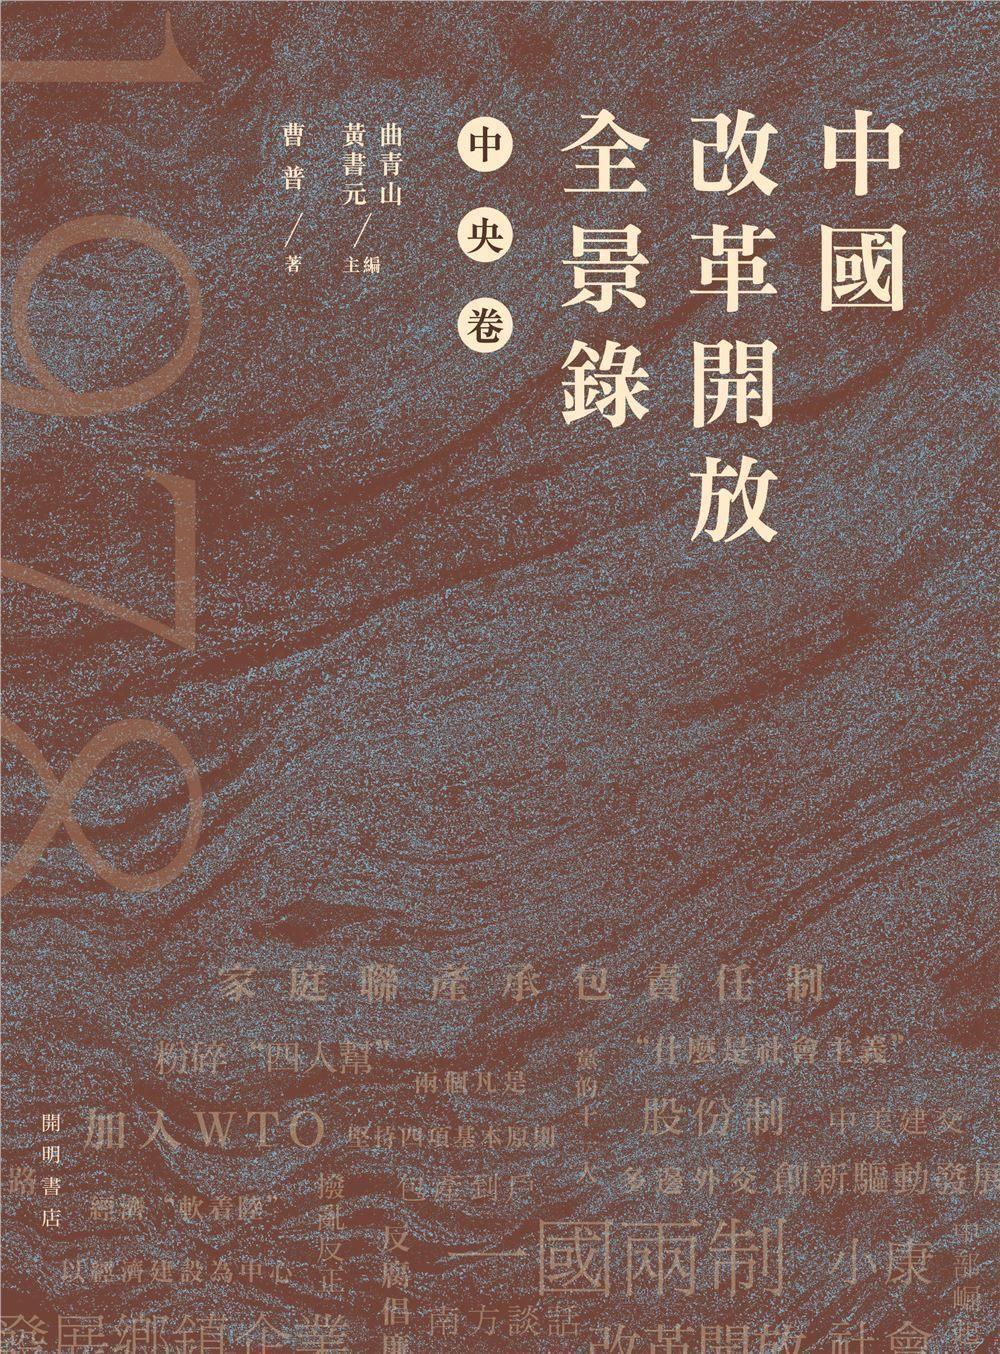 中國改革開放全景錄(中央卷)